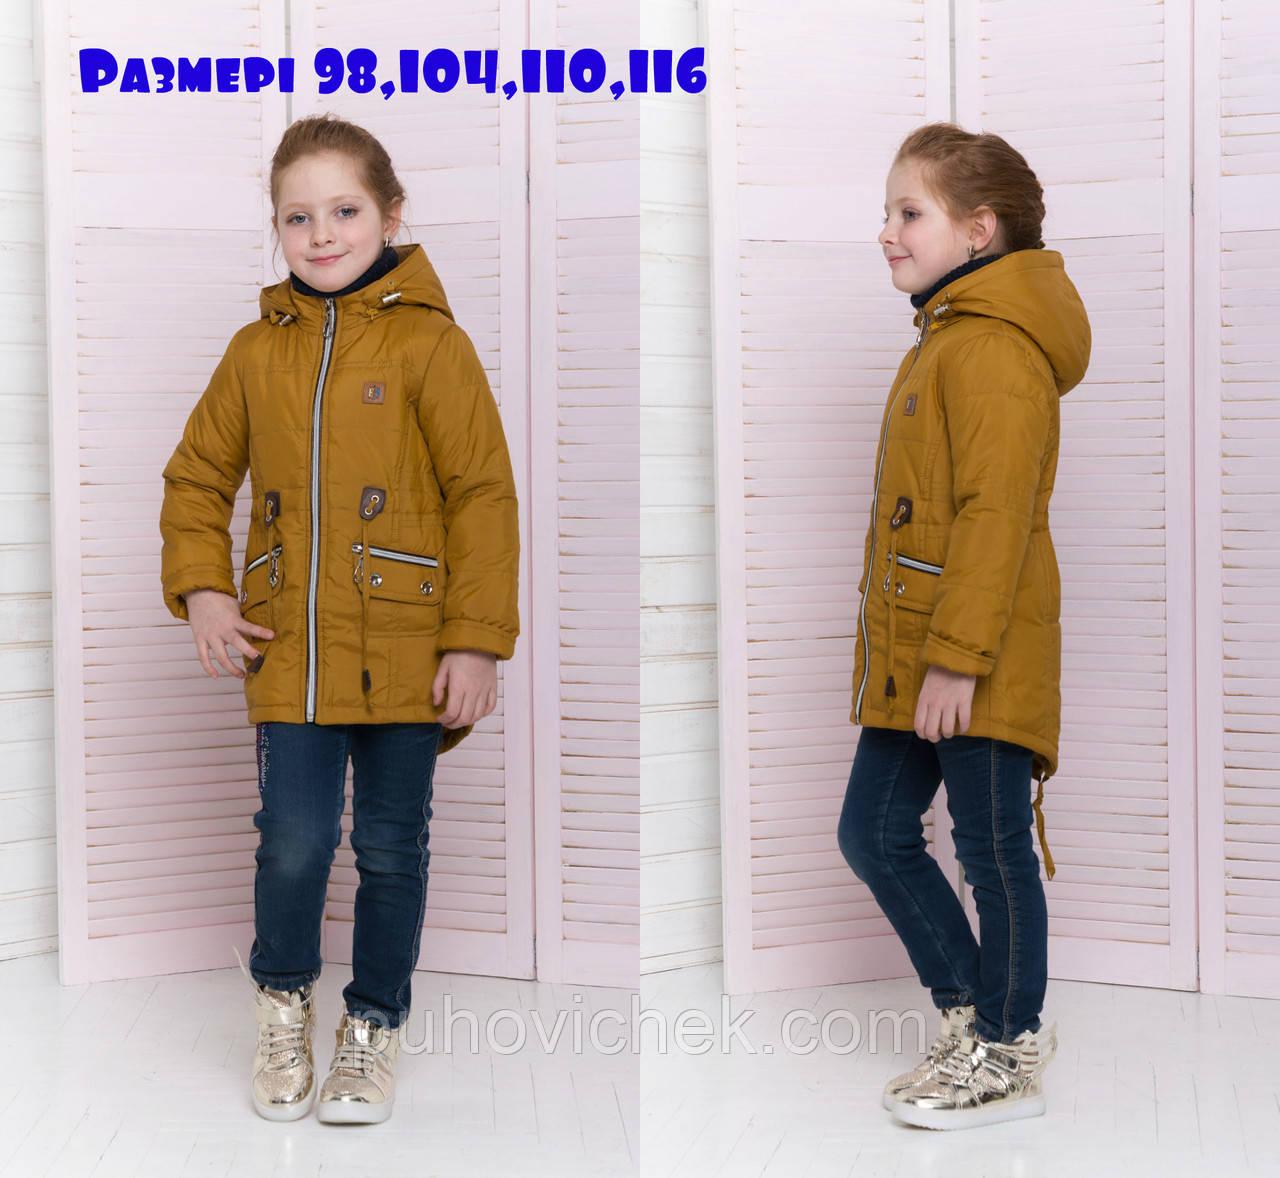 Курточка для девочки весенняя под золото красивая